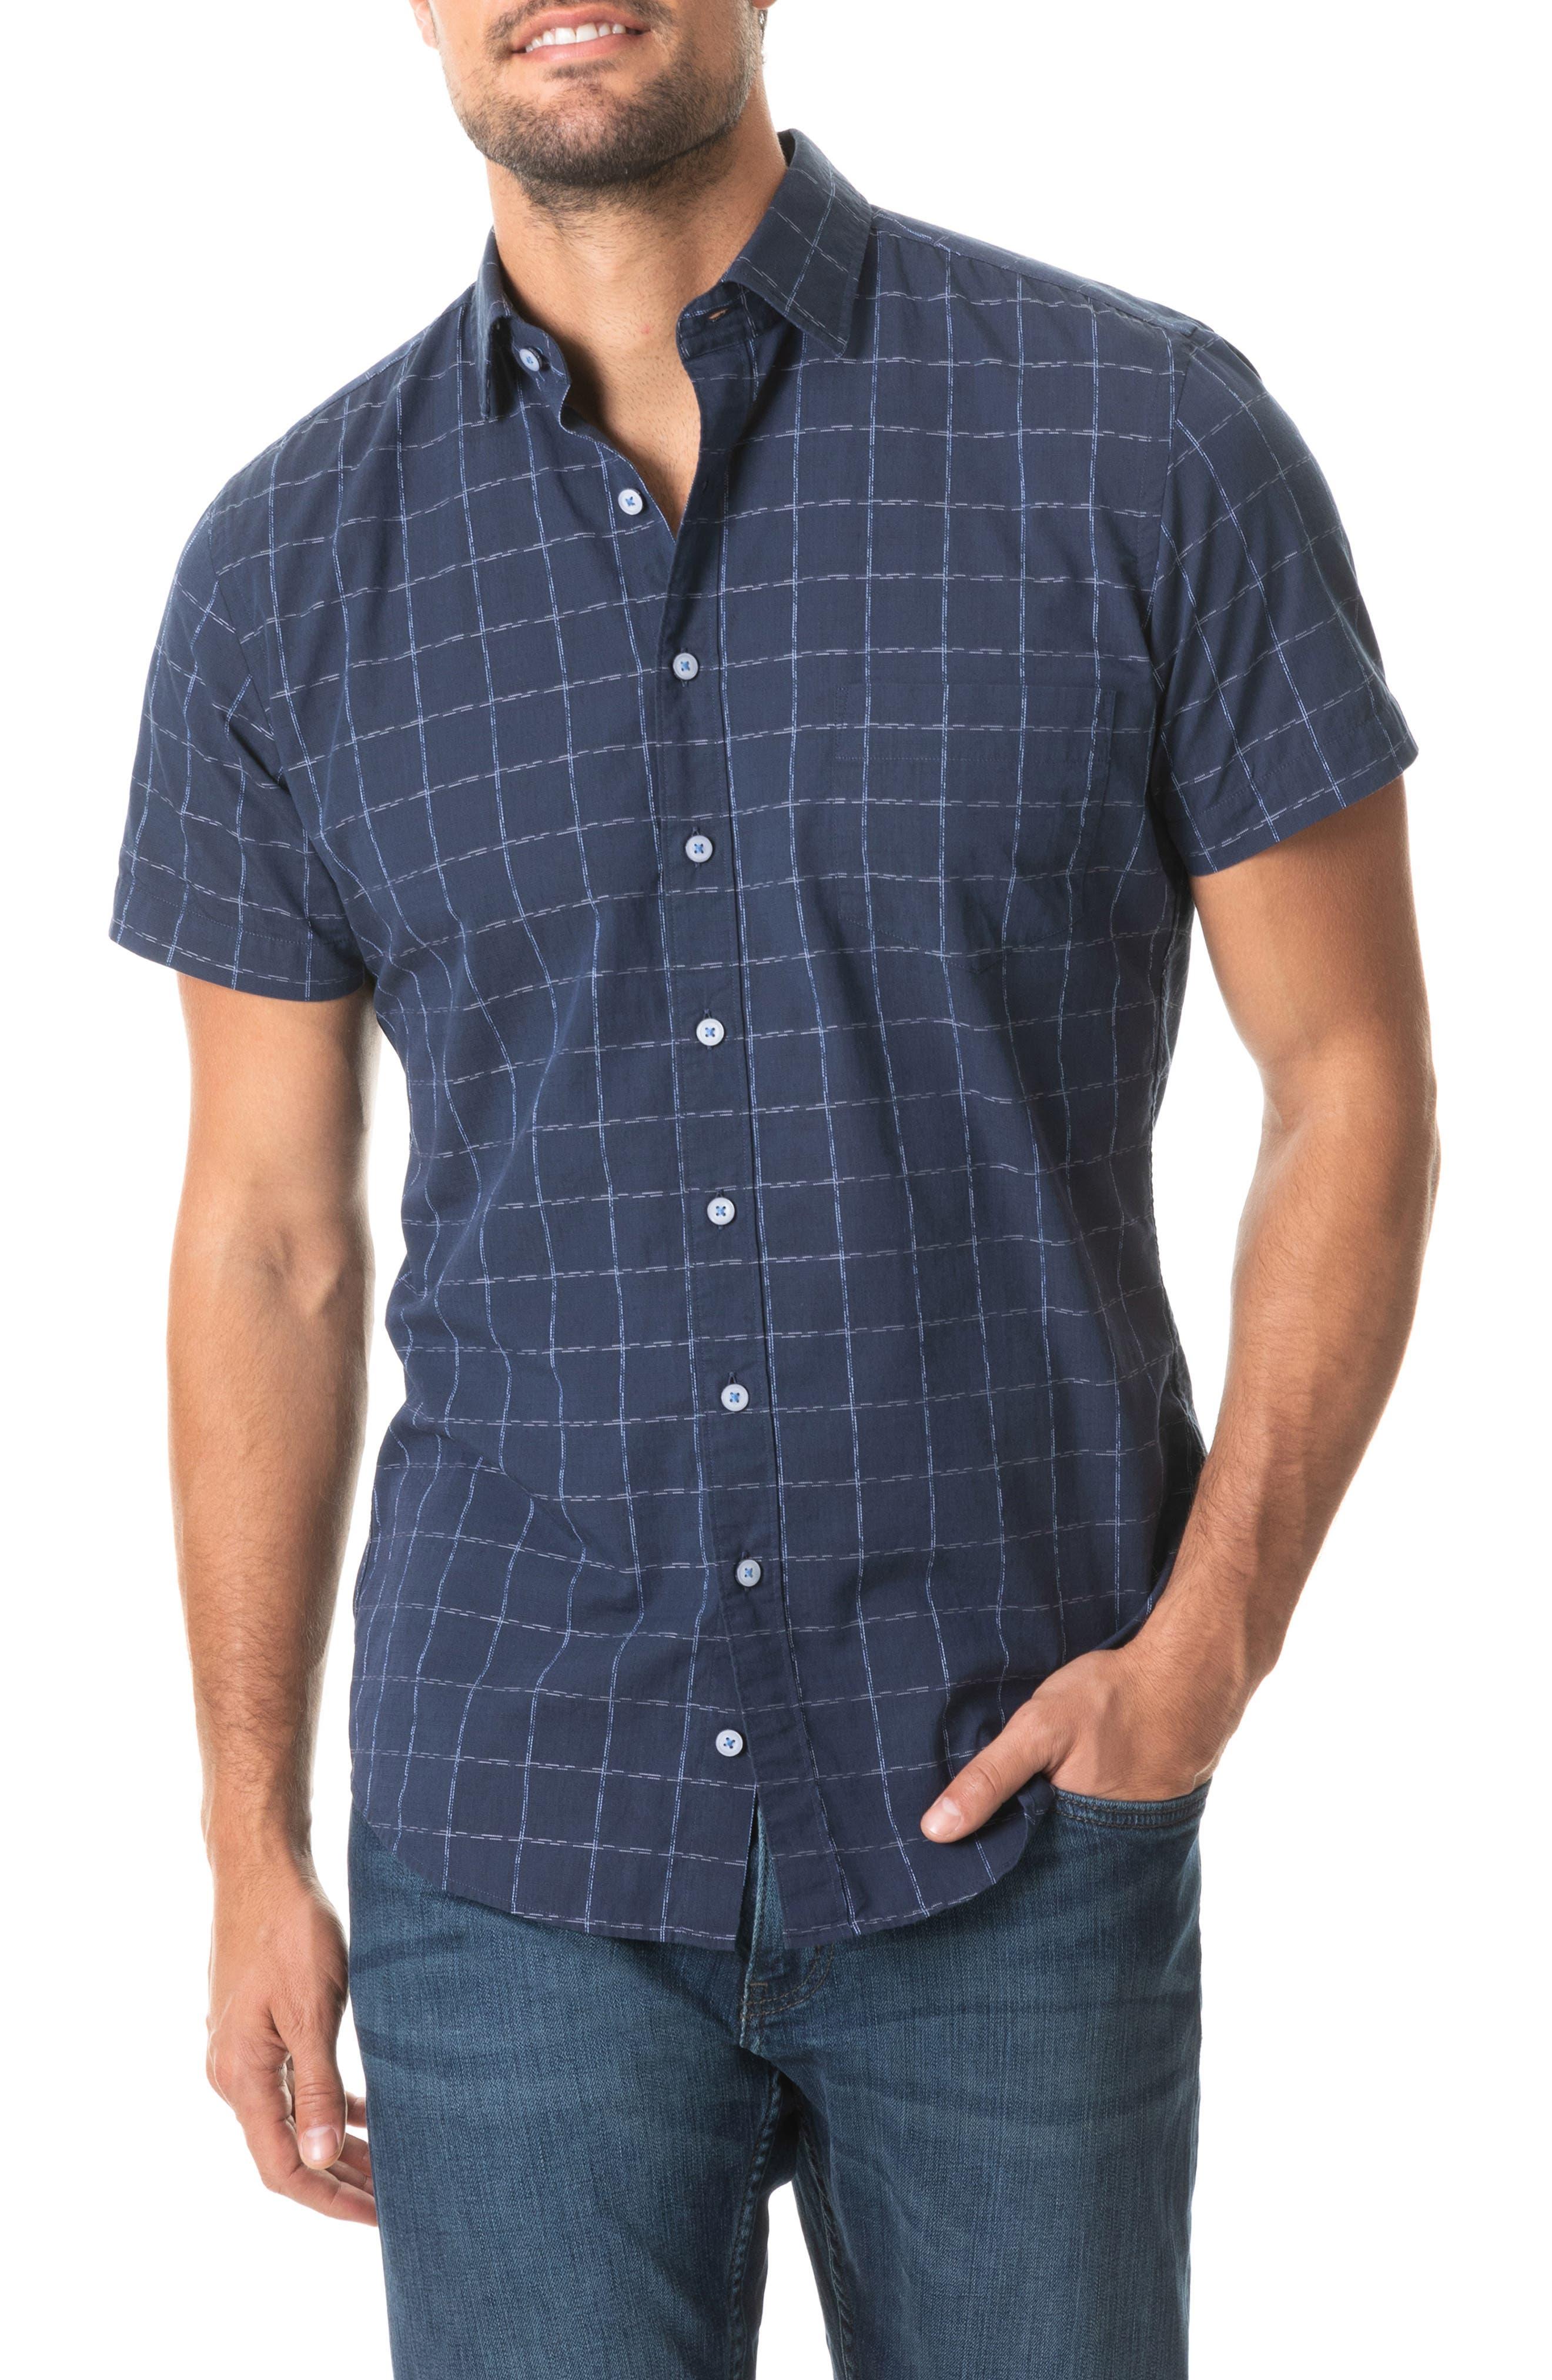 Image of RODD AND GUNN Minden Regular Fit Check Short Sleeve Button-Up Shirt